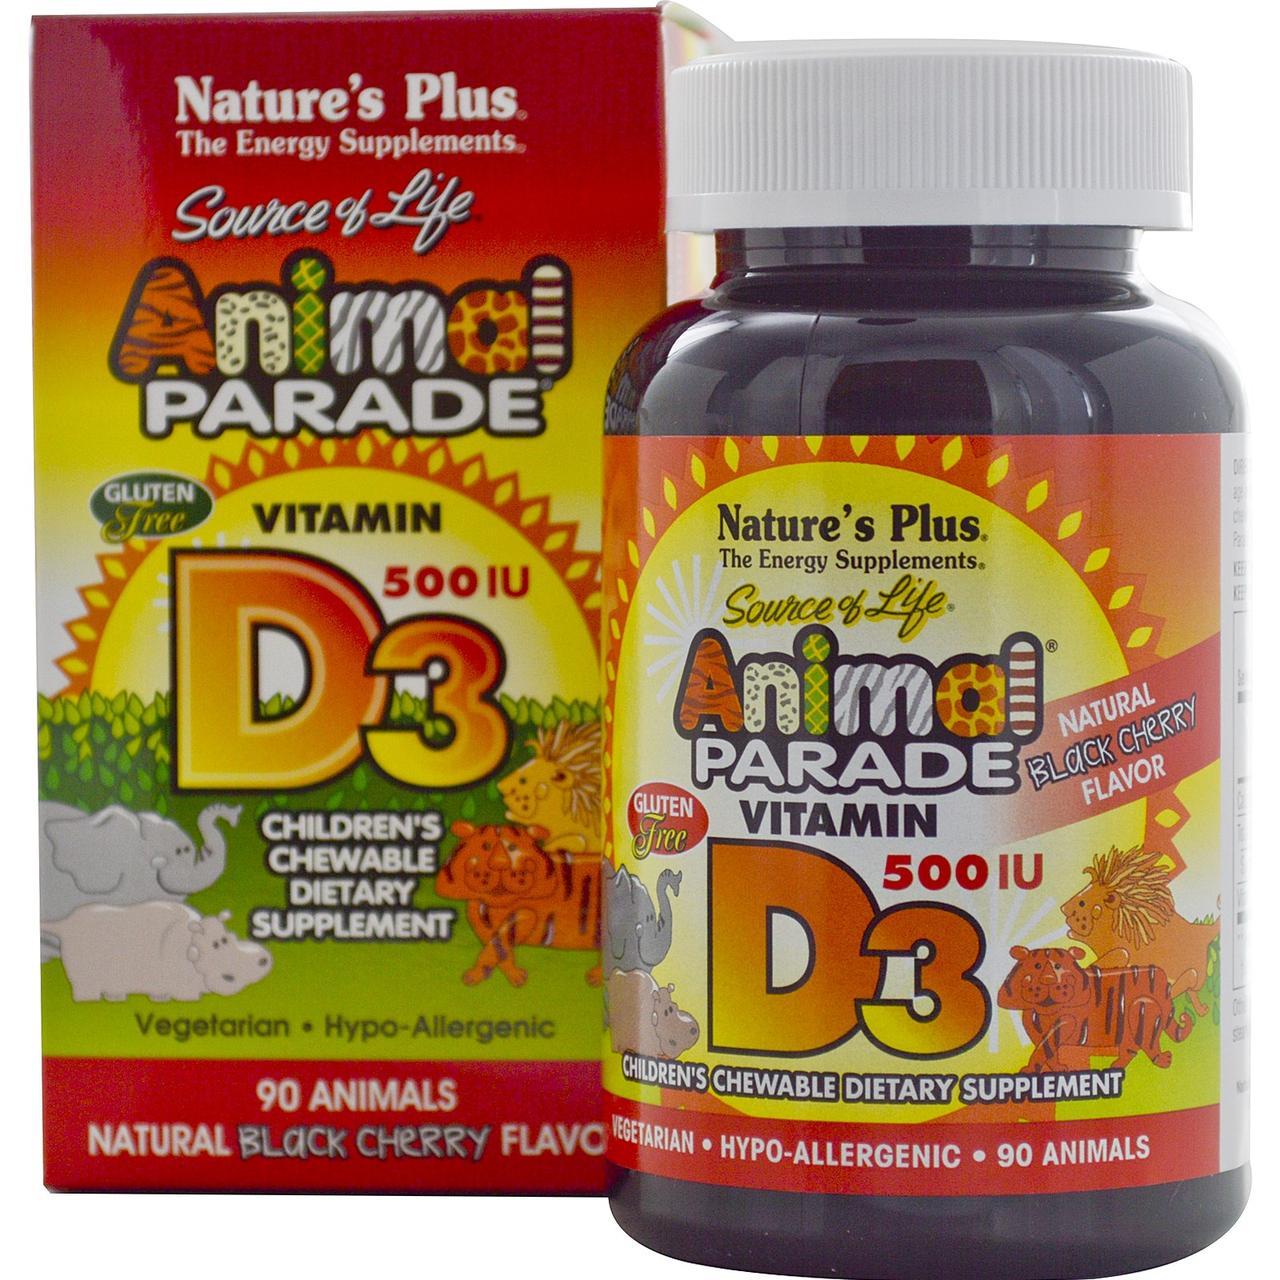 Витамин D3 для Детей, Вкус Черной Вишни, Animal Parade, Natures Plus, 90 жевательных таблеток